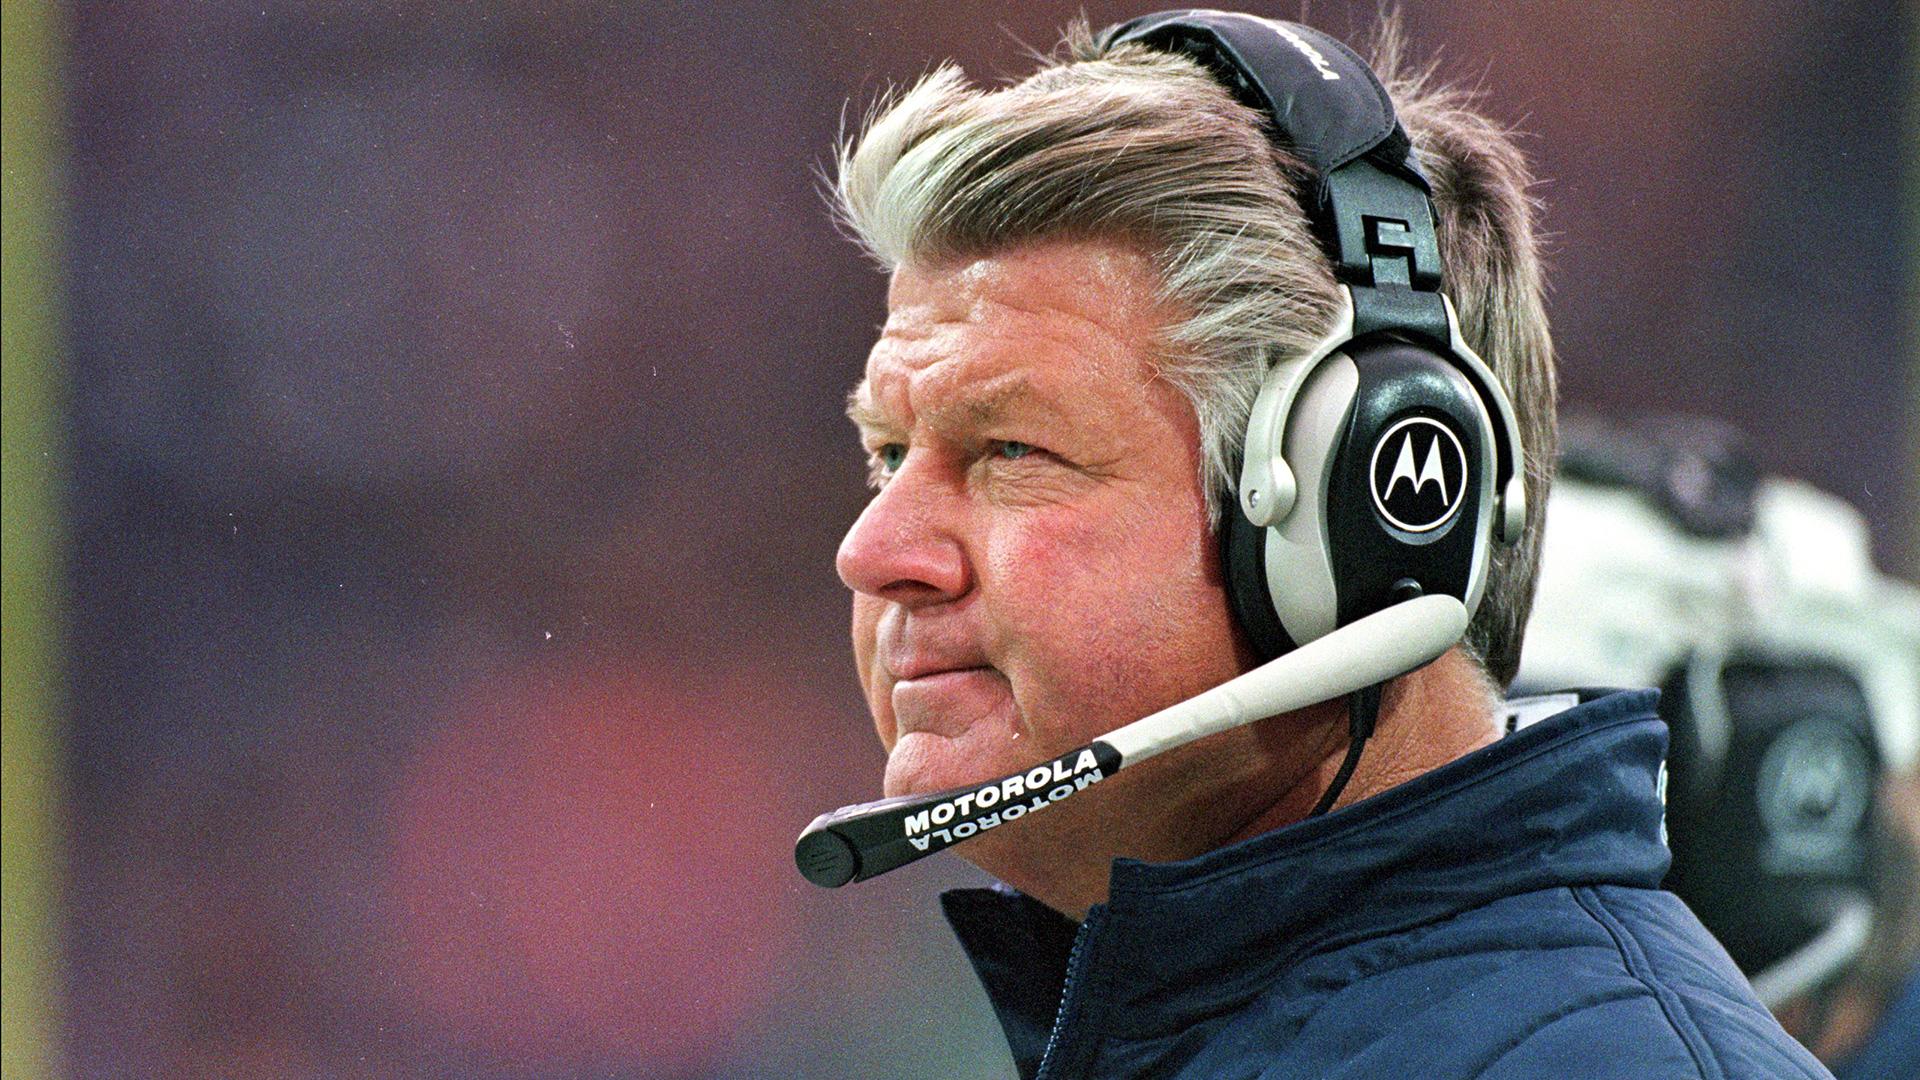 El ex entrenador de los Cowboys, Jimmy Johnson, recibe noticias de inducción al Salón de la Fama en TV en vivo 2